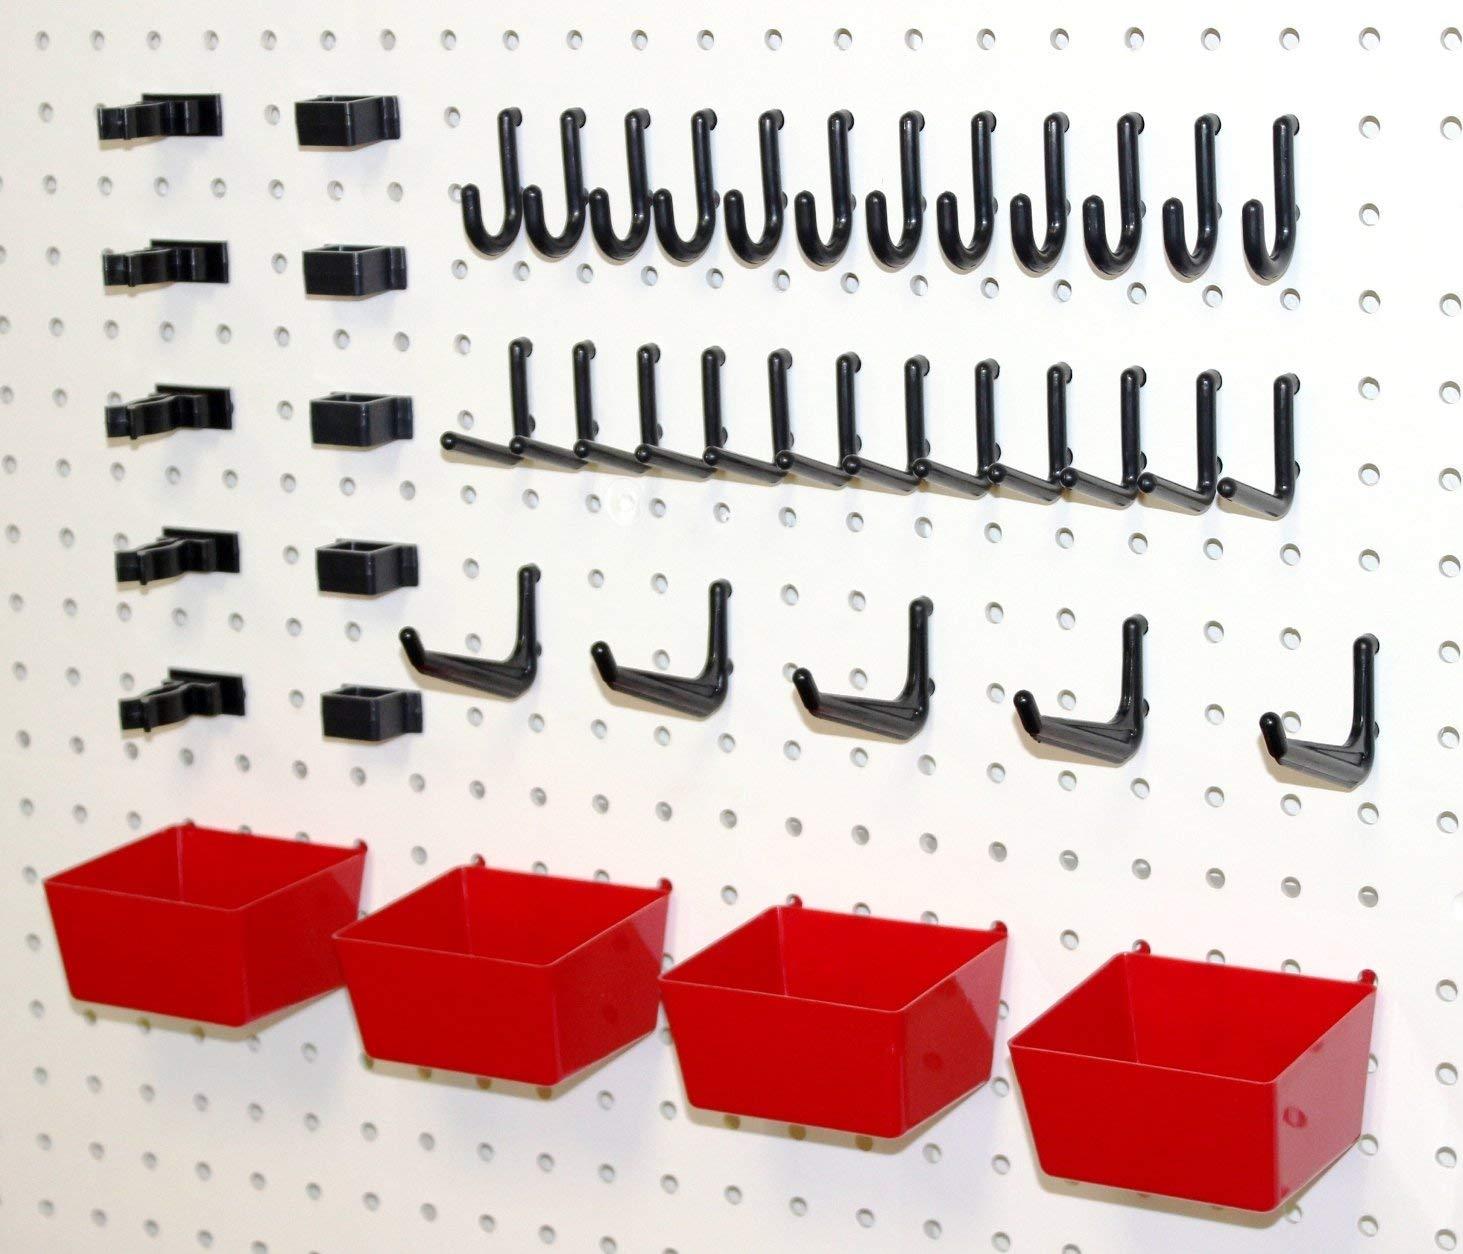 Wallpeg 43 Pc. Peg Hook Kit with Plastic Bins - Pegboard Hook Assortment Organizer R-B